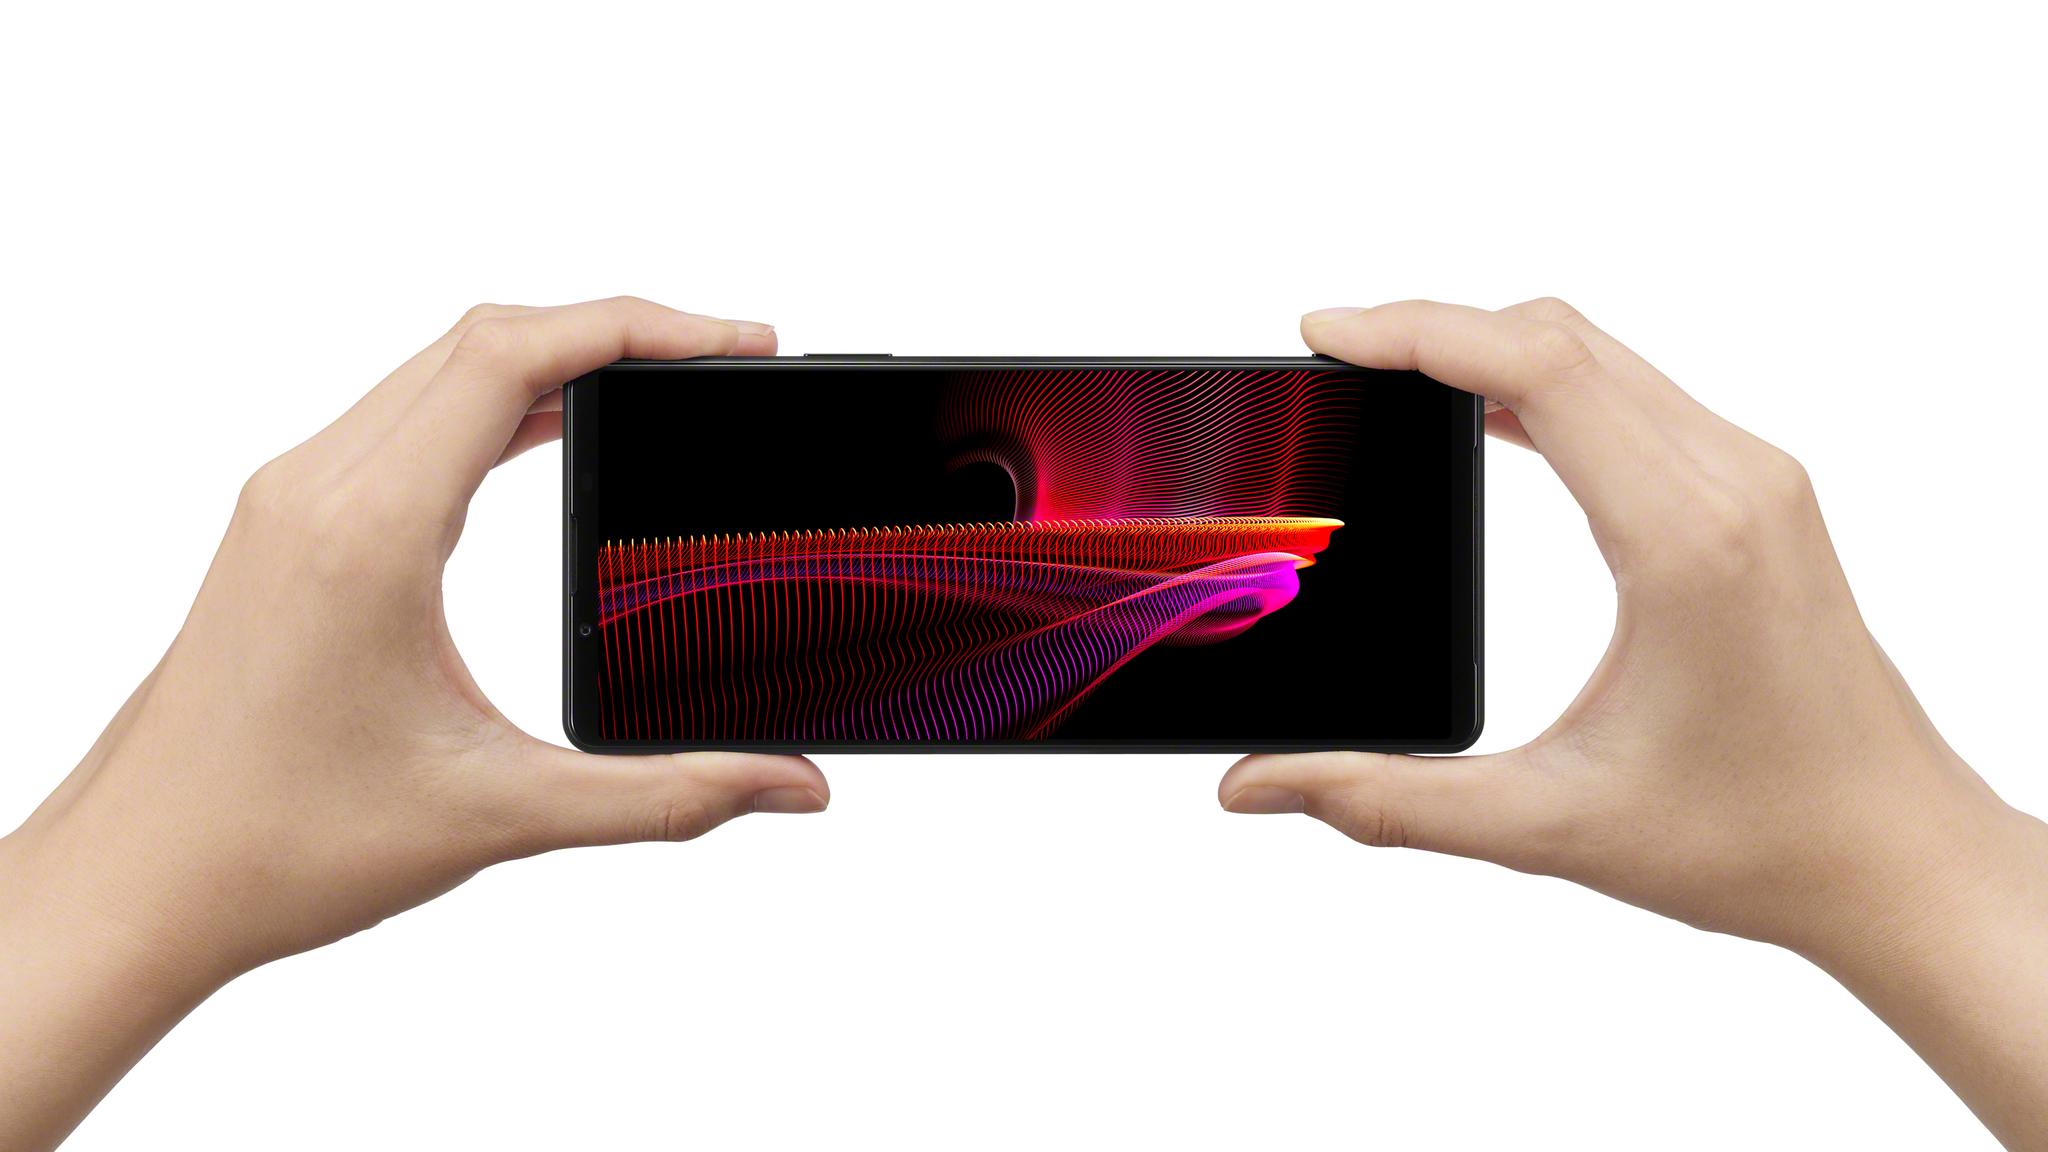 Стереодинамики смартфона Xperia 1 III порадуют вас своим звучанием